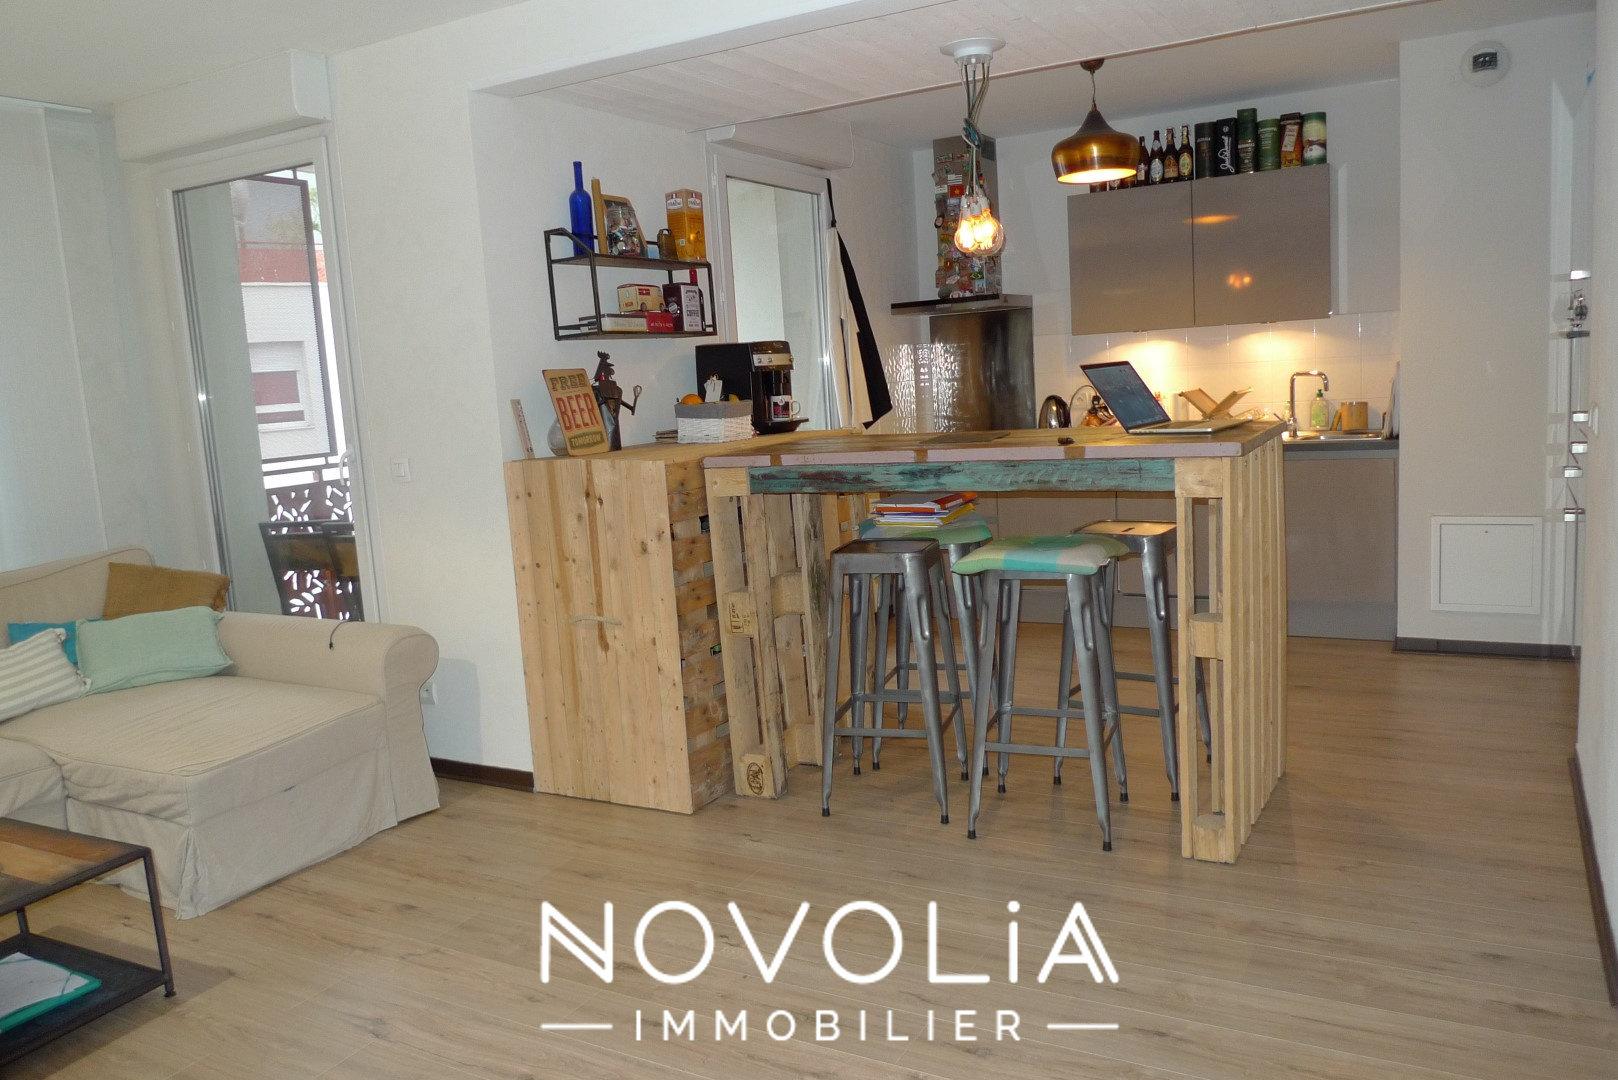 Achat Appartement Surface de 66 m², 3 pièces, Lyon 7ème (69007)